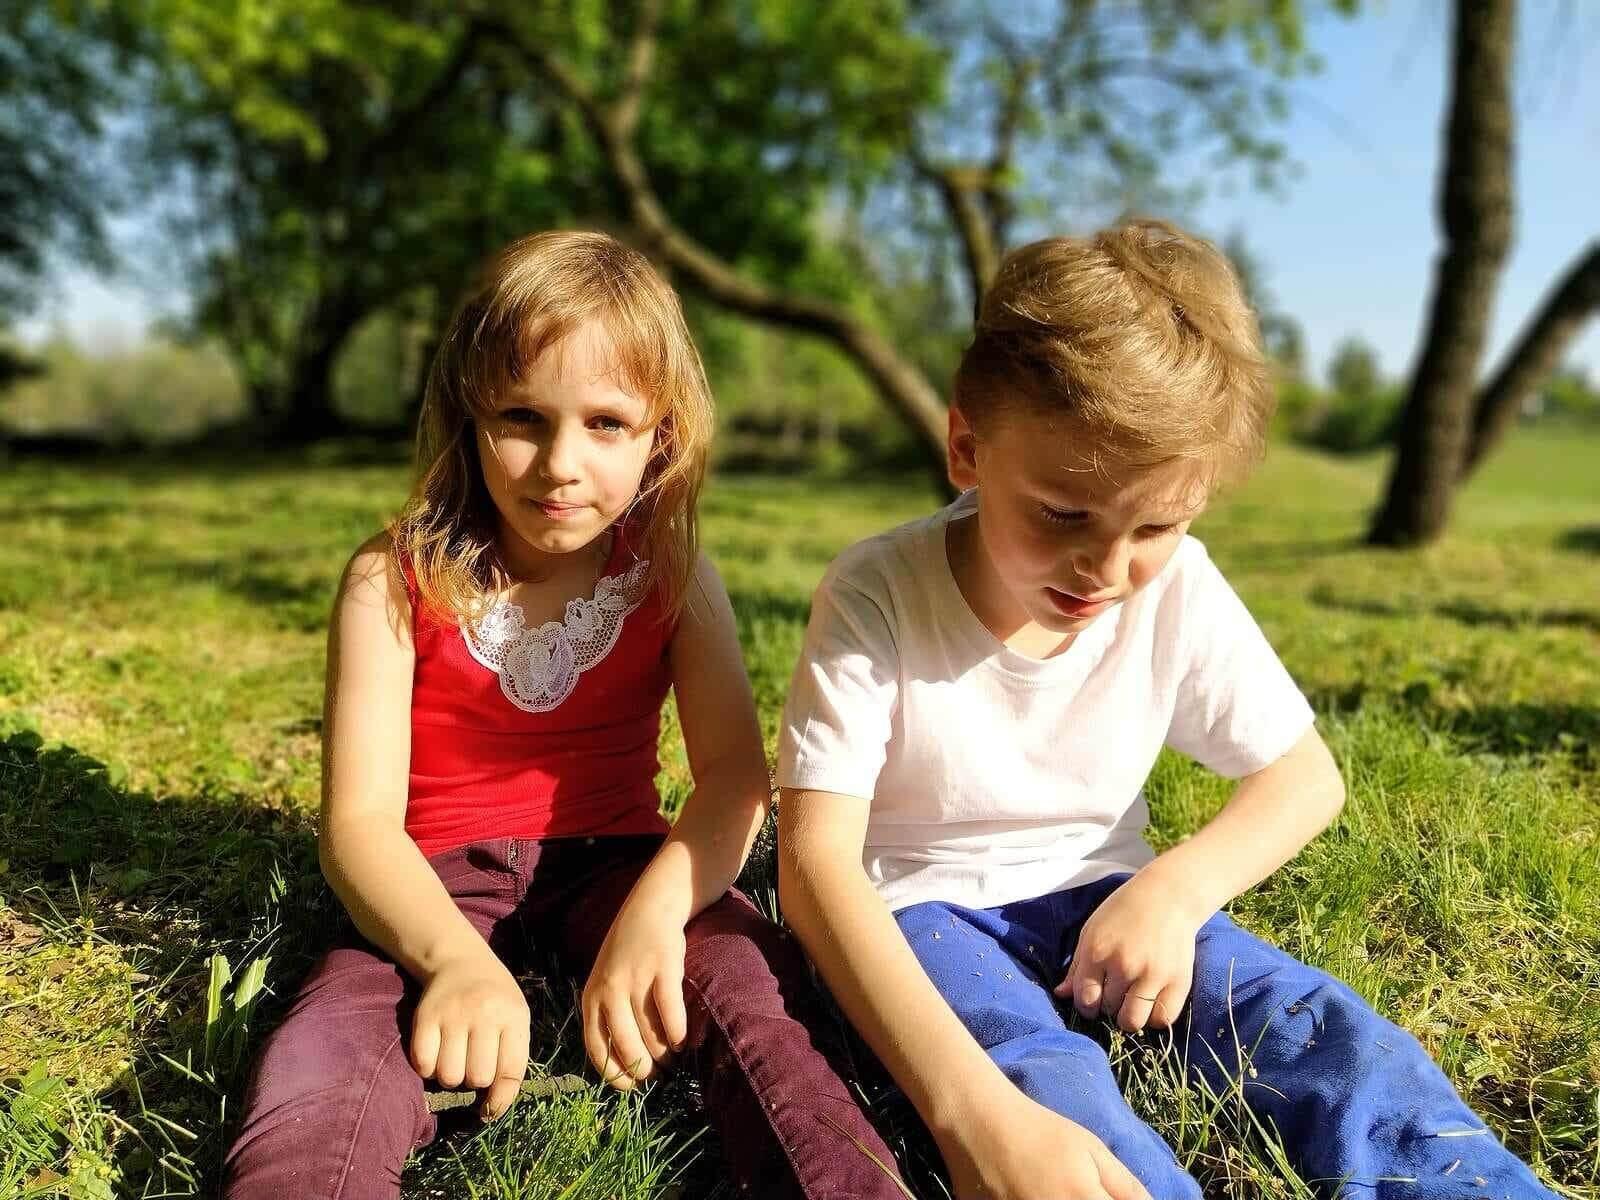 Vrienden zitten op het gras na het spelen.